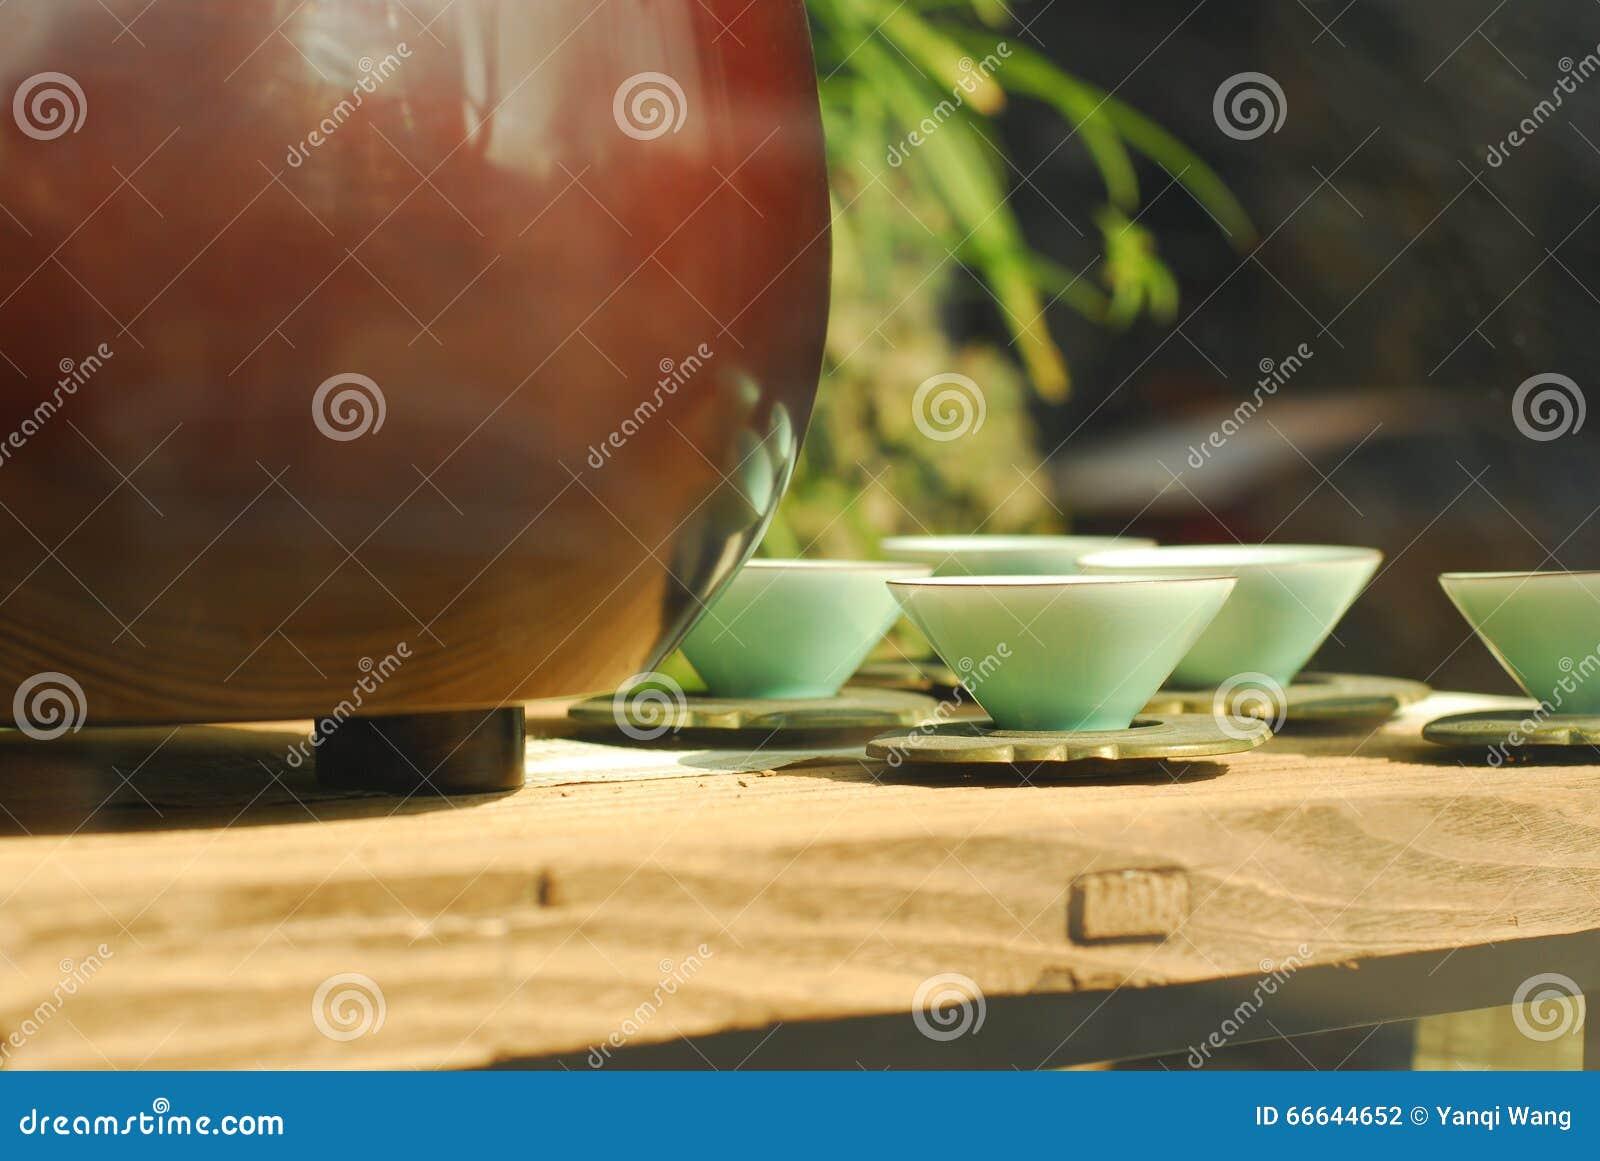 Estilos agradáveis cerâmicos chineses dos copos de chá